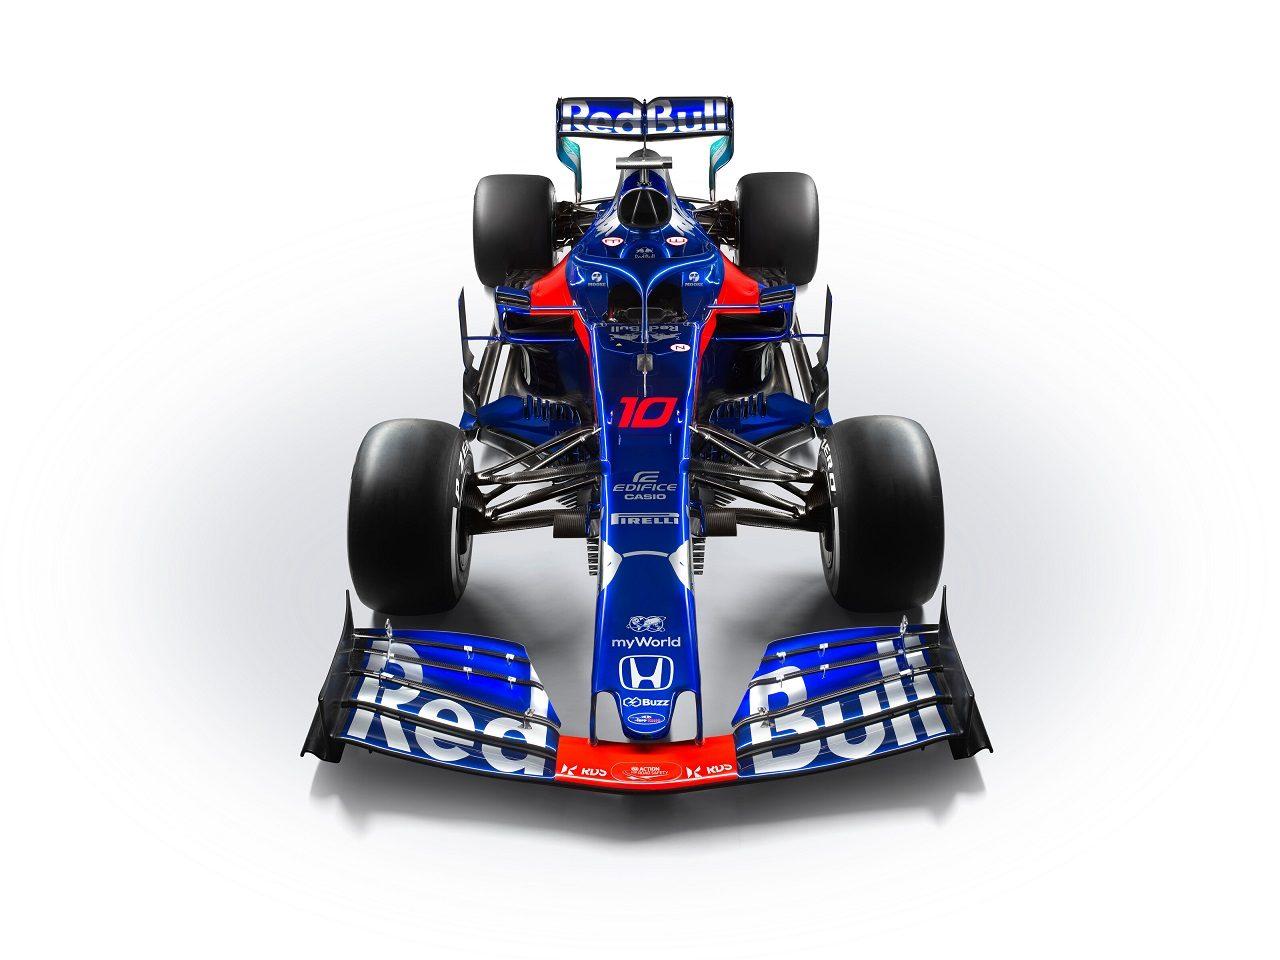 2019年F1第13戦ベルギーGP ピエール・ガスリーのトロロッソSTR14・ホンダ